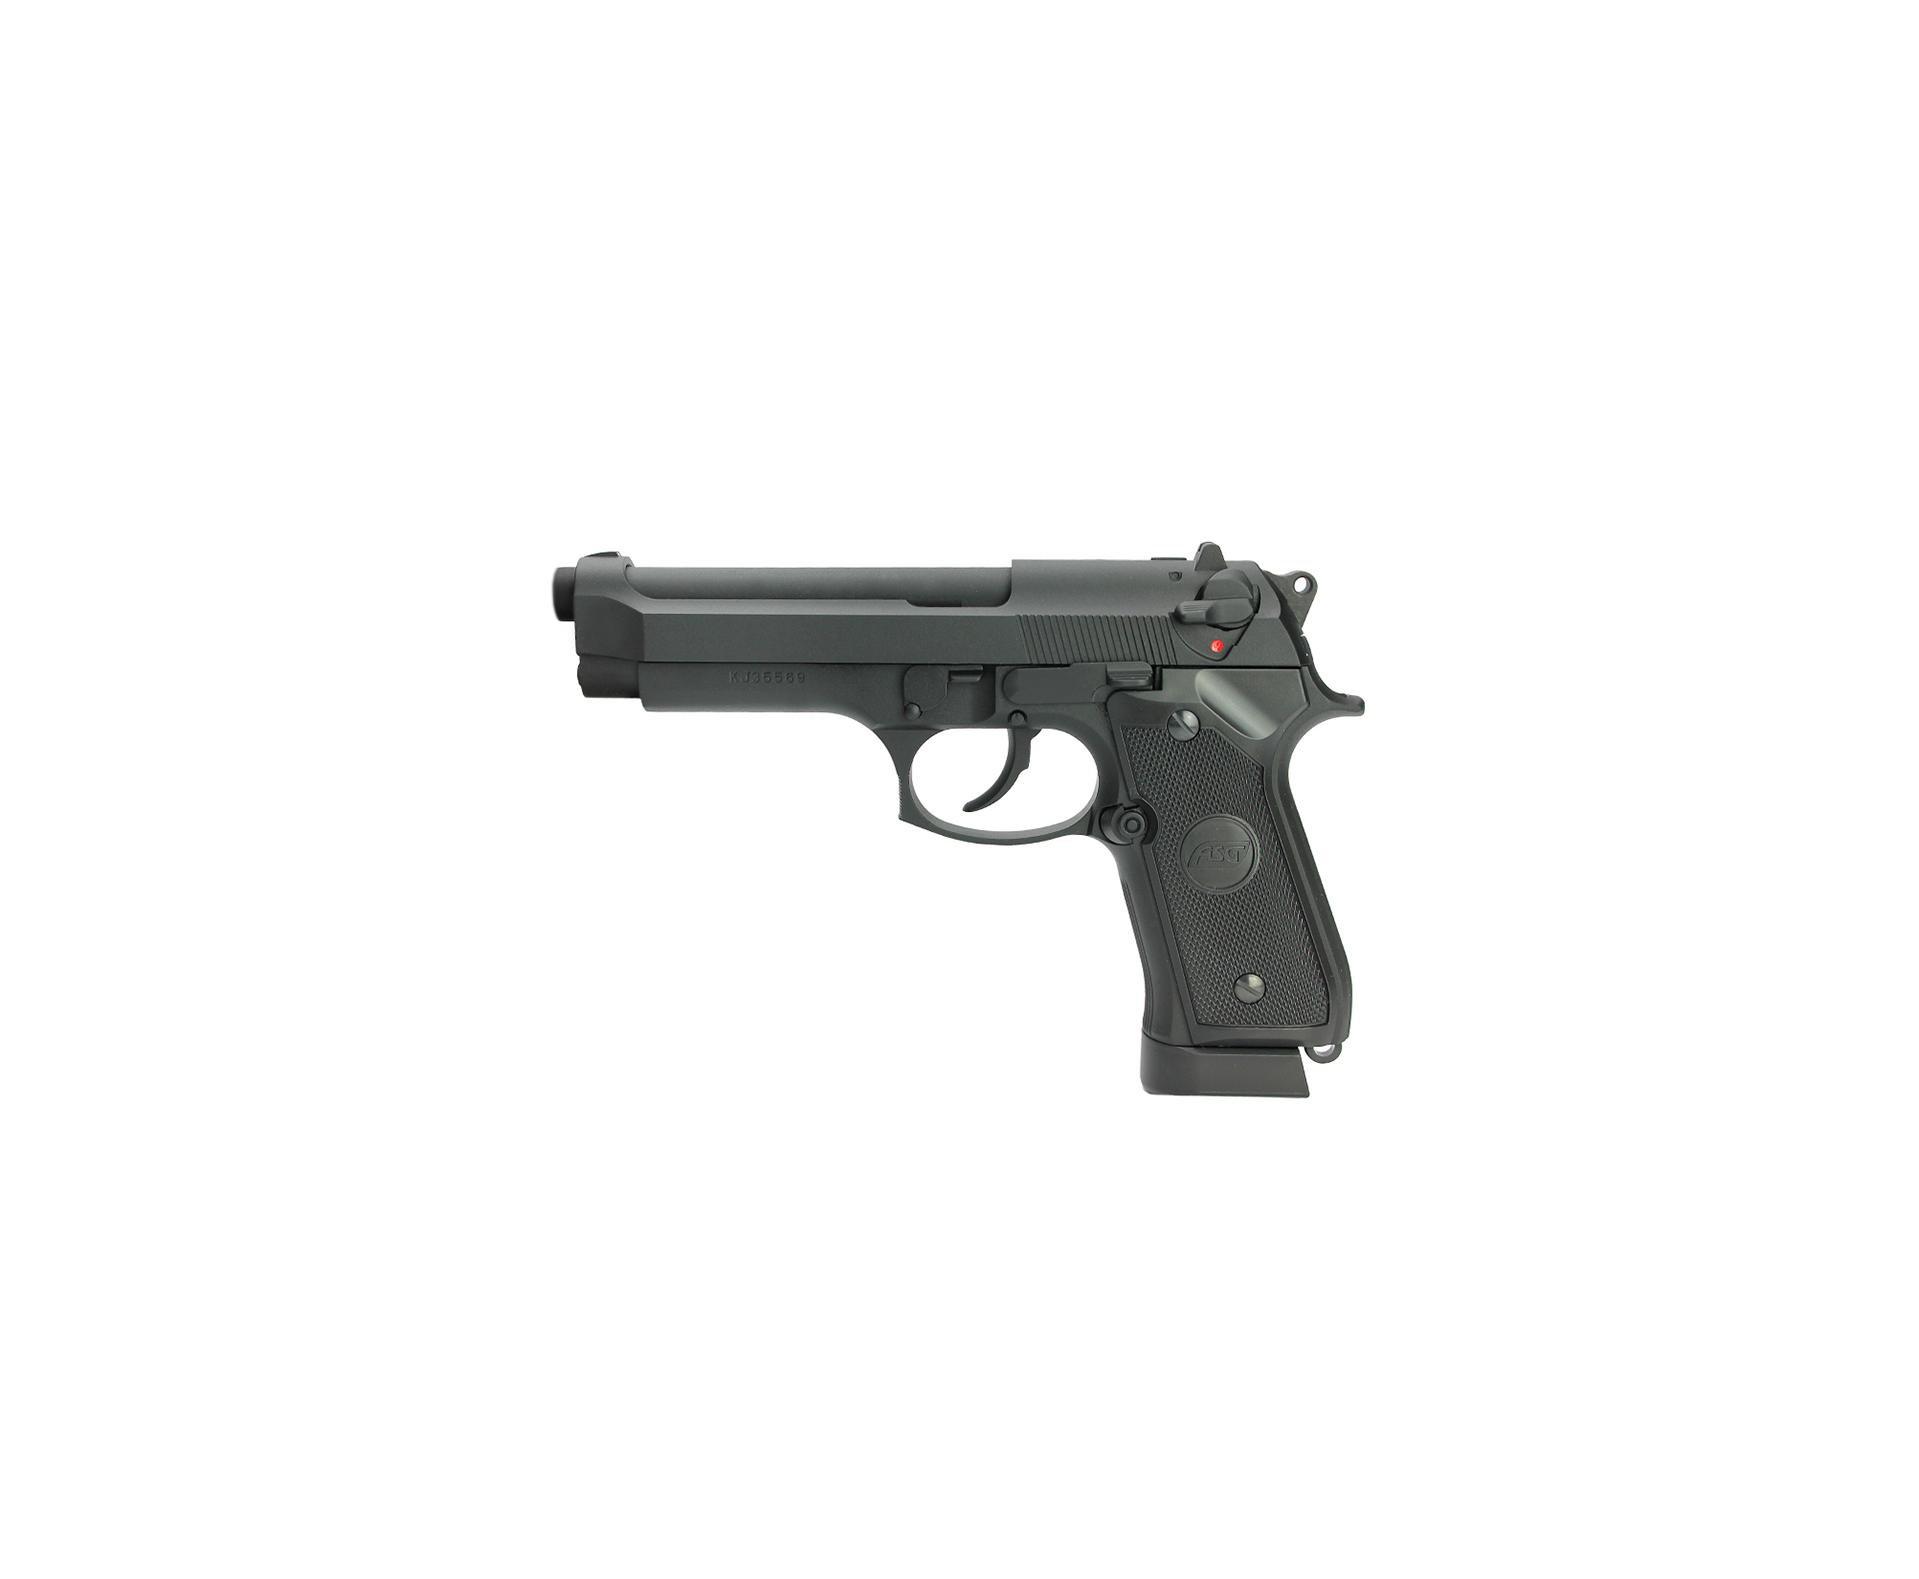 Pistola De Pressão Co2 Full Metal Asg Bereta X9 Classic Blowback 4,5mm